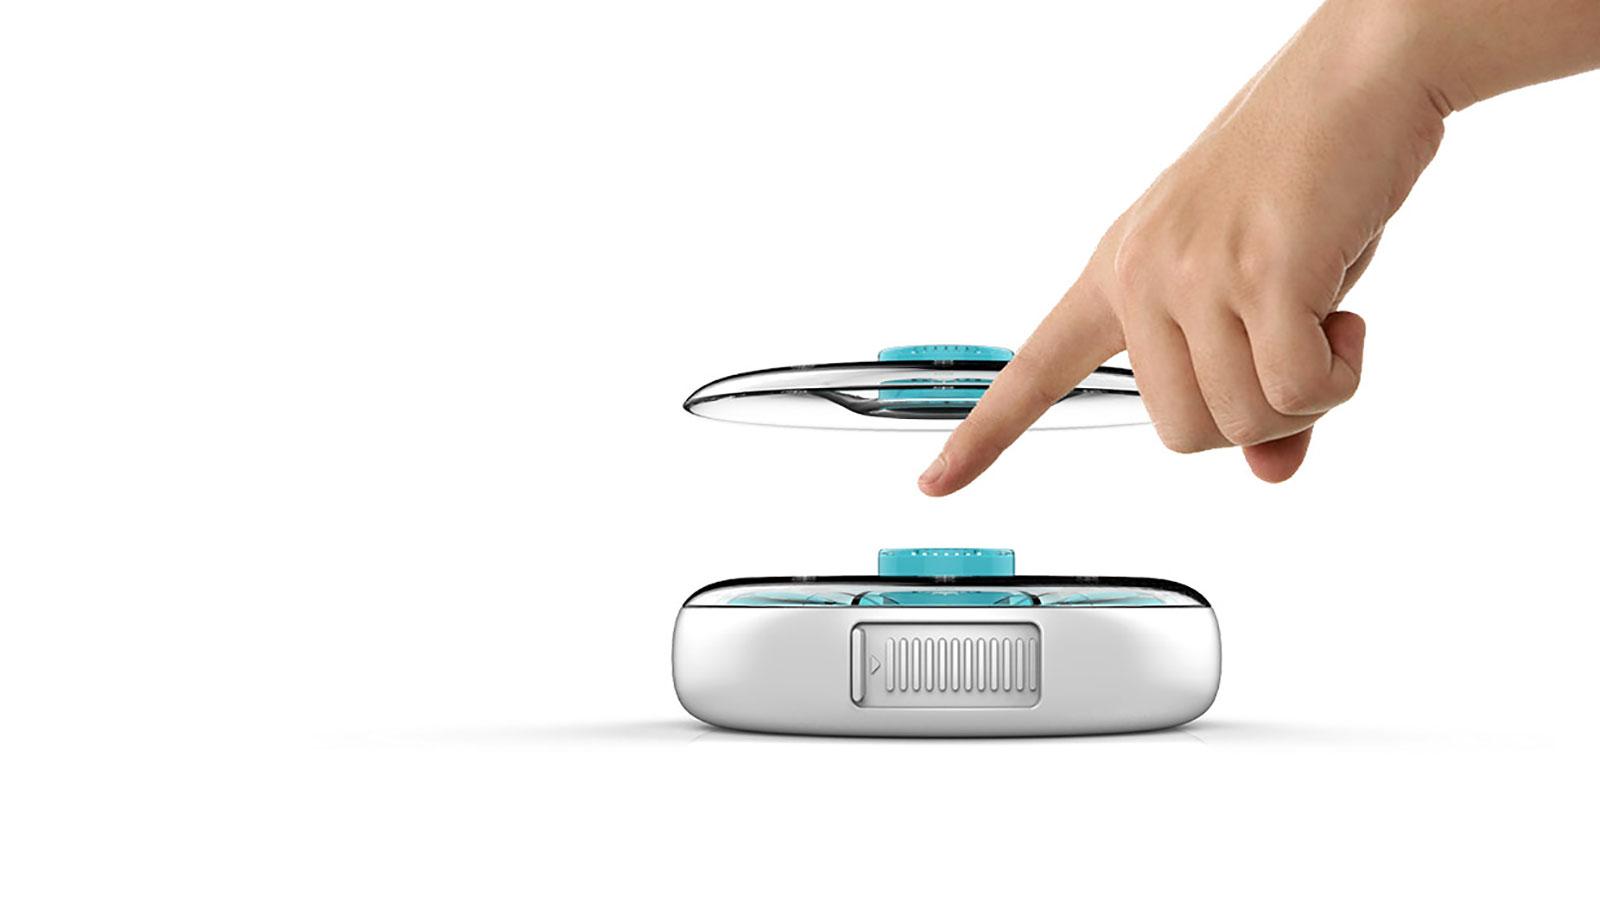 便攜式智能藥盒的電池容量大、續航時間長、使用非常便捷